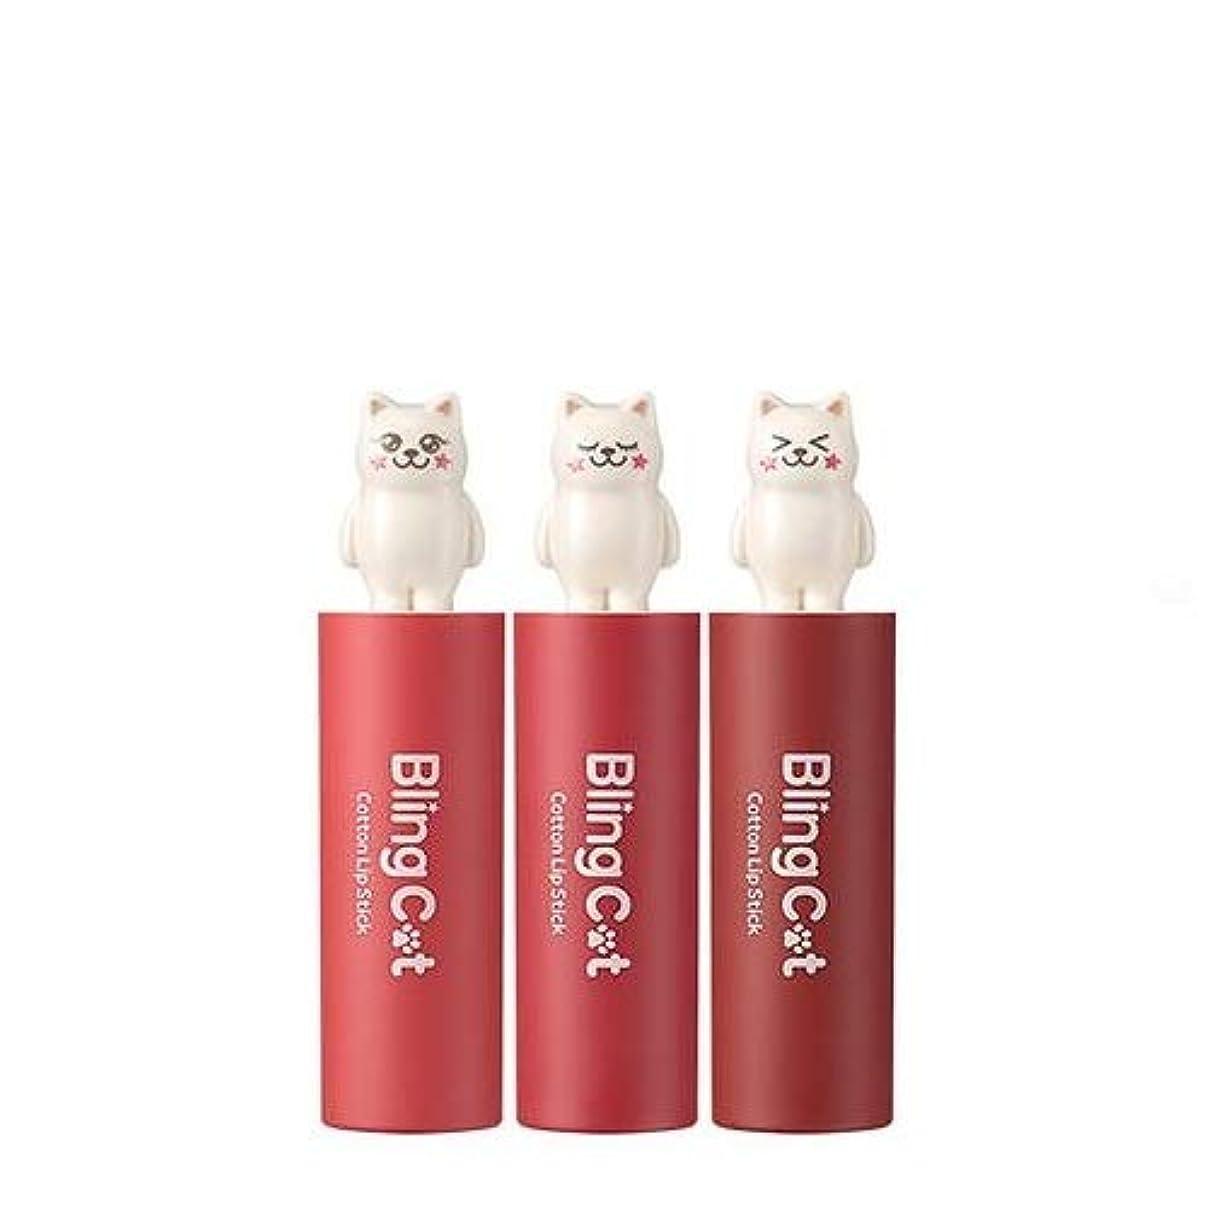 帝国主義解釈する売上高トニーモリー ブリングキャット コットン リップスティック 3.4g / TONYMOLY Bling Cat Cotton Lipstick # 10. Black Tea Plum [並行輸入品]